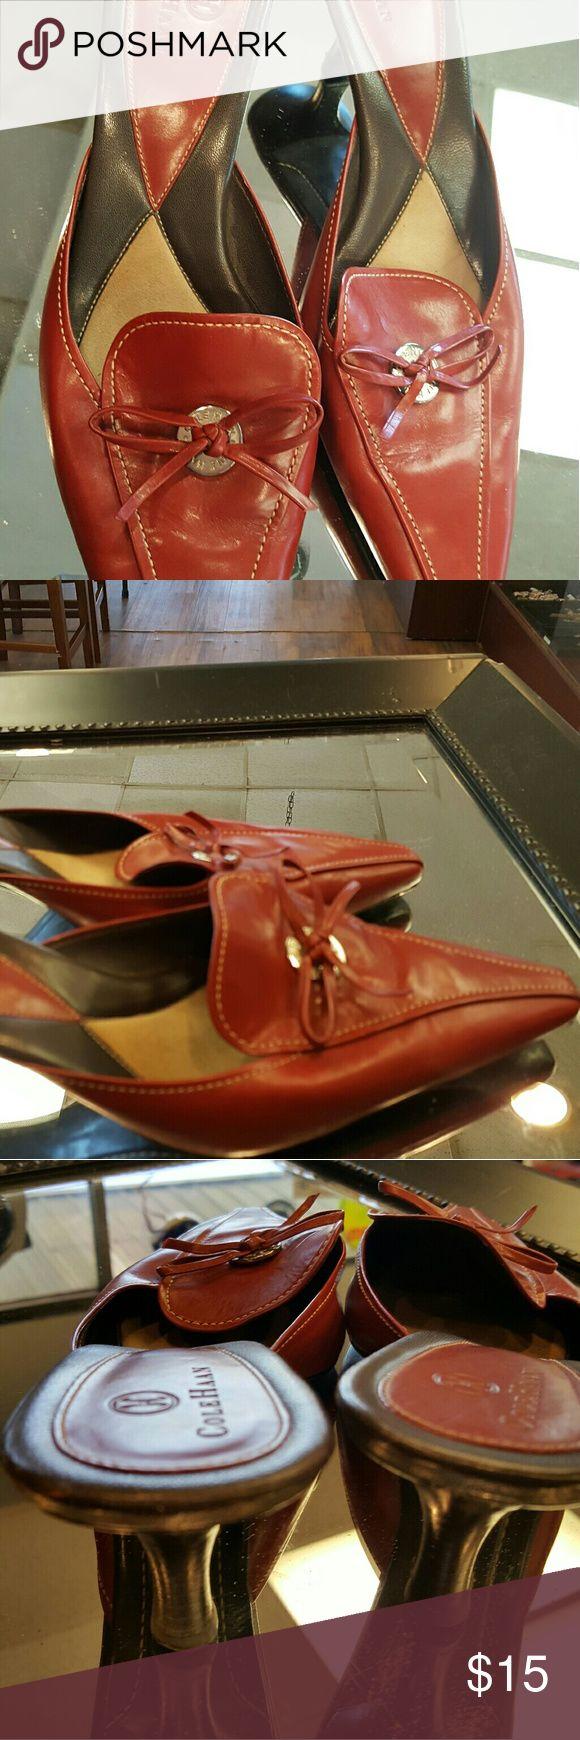 Cole haan heels Cole haan heels Cole Haan Shoes Heels